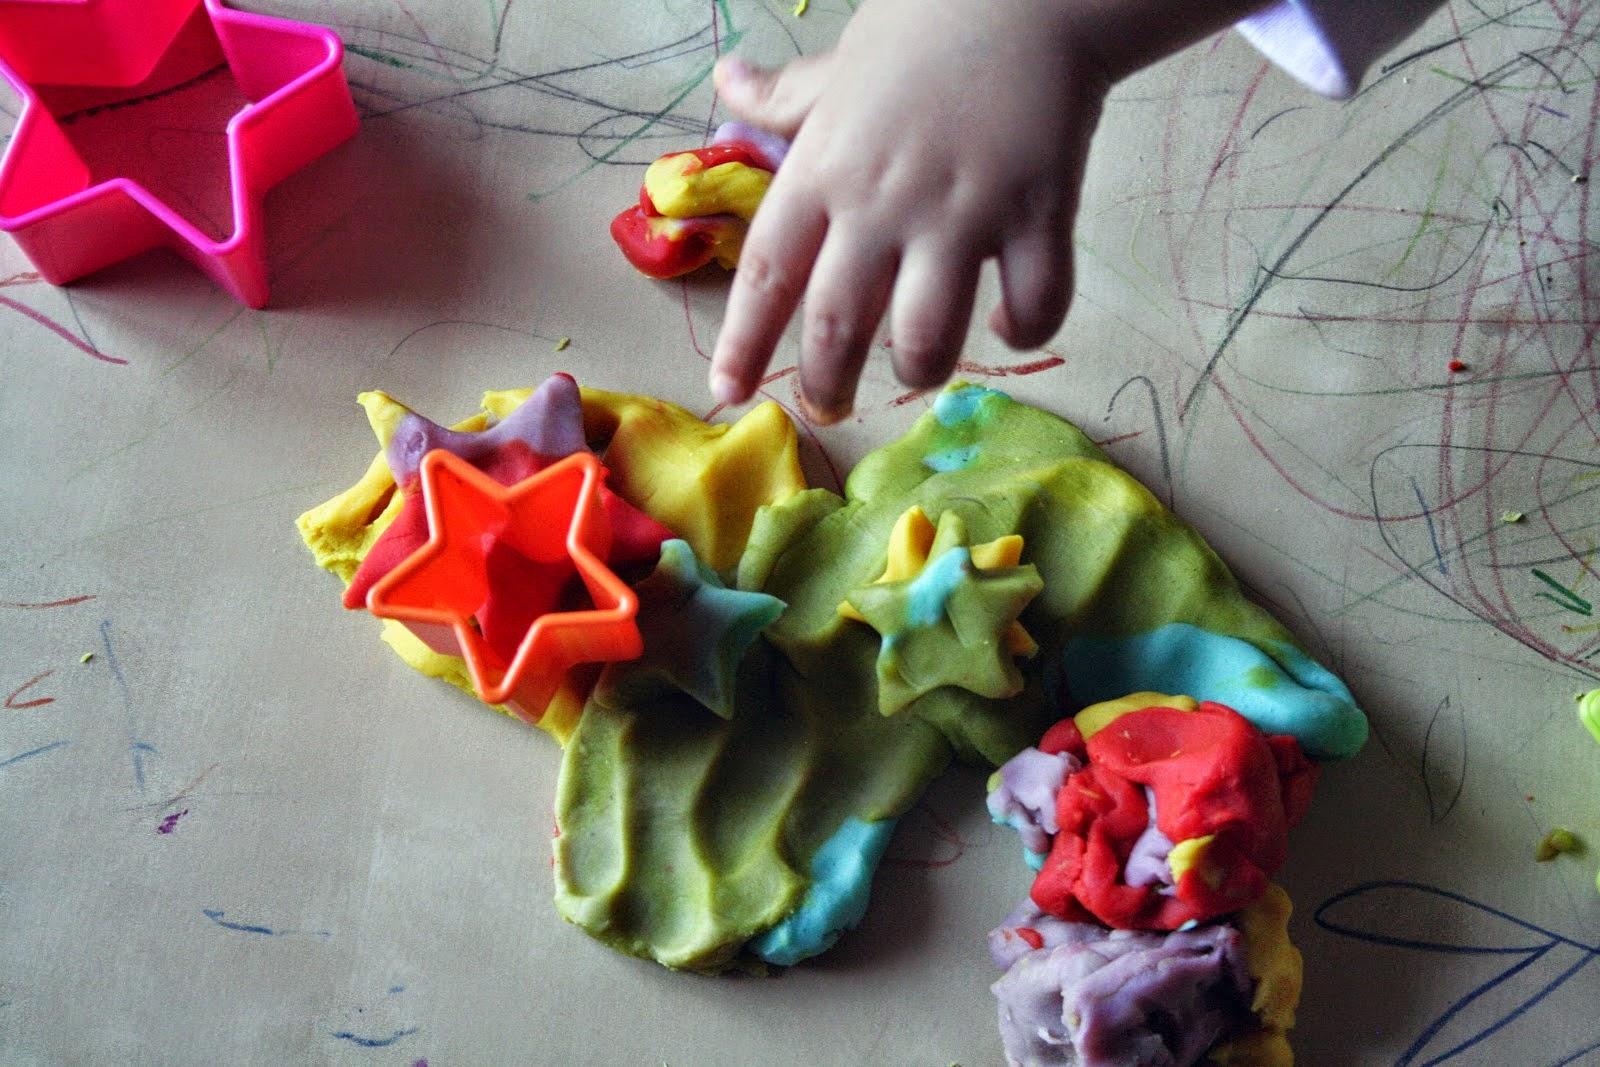 Stimolare la creatività dei bambini con giocattoli fai da te